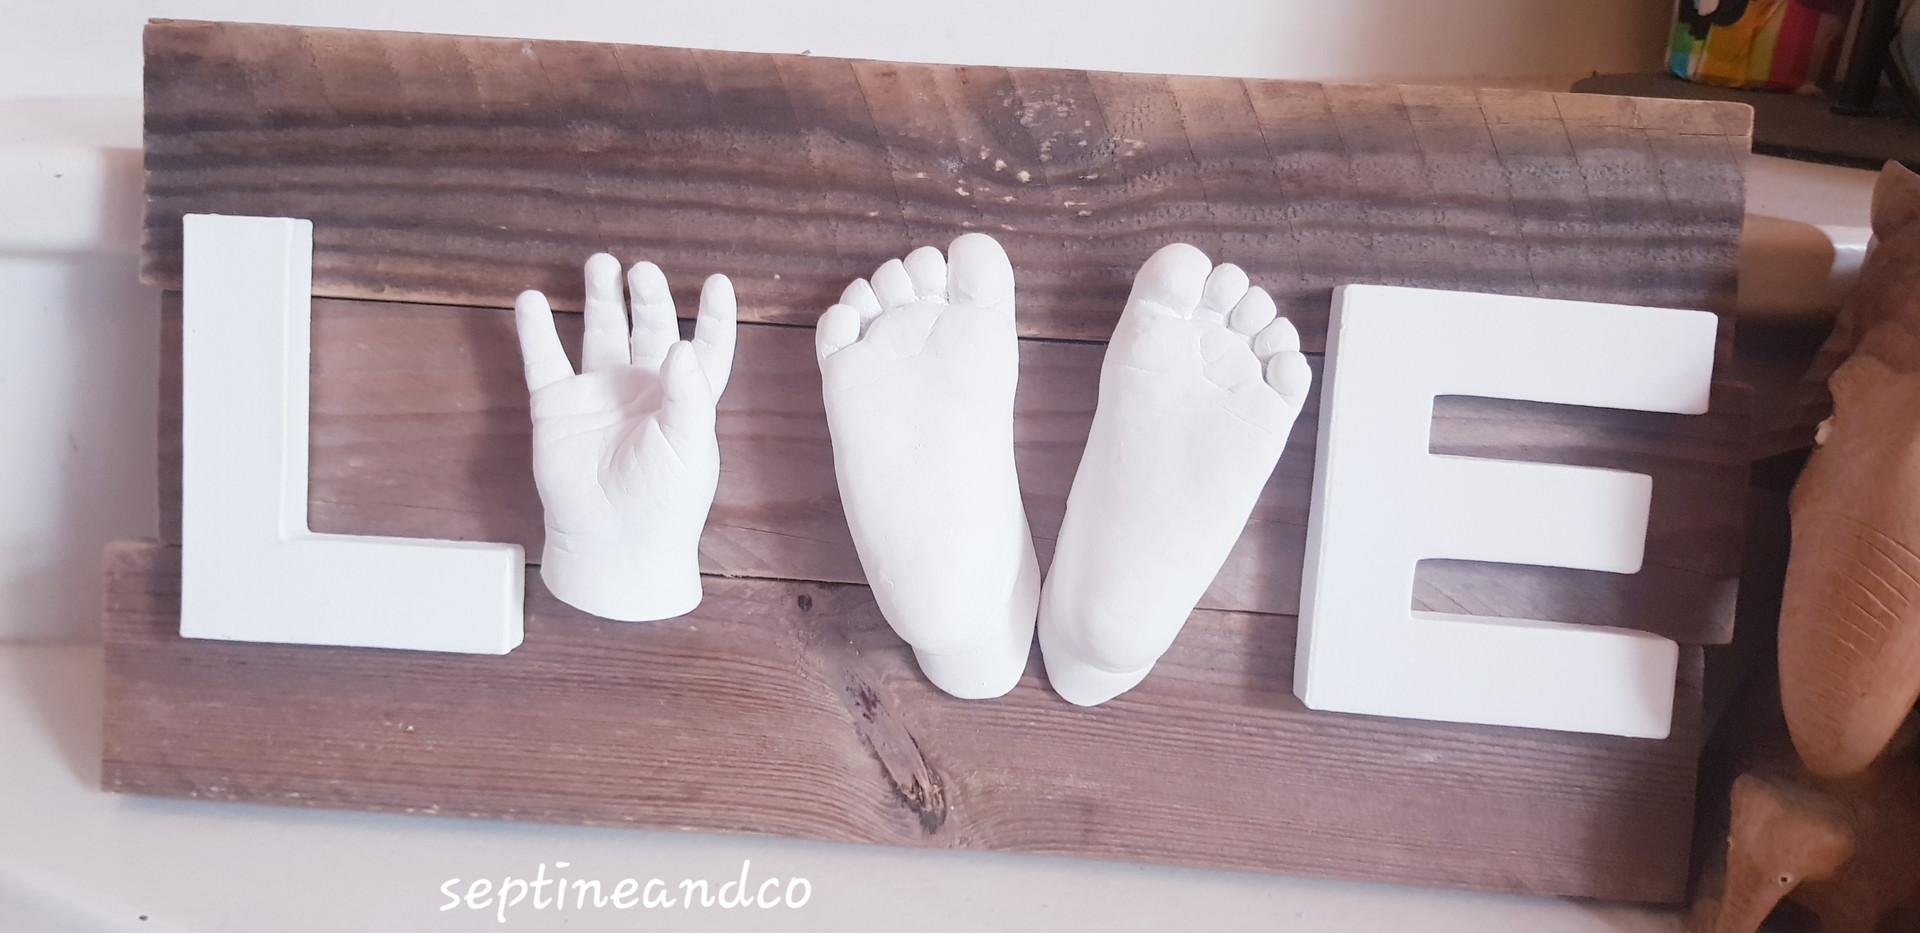 empreinte bébé 3D var bouches du Rhône Toulon Aix en Provence moulage 3D main en plâtre babycast baby art souvenir de naissance cadeau de naissance saint-Maximin la sainte baume septine and co